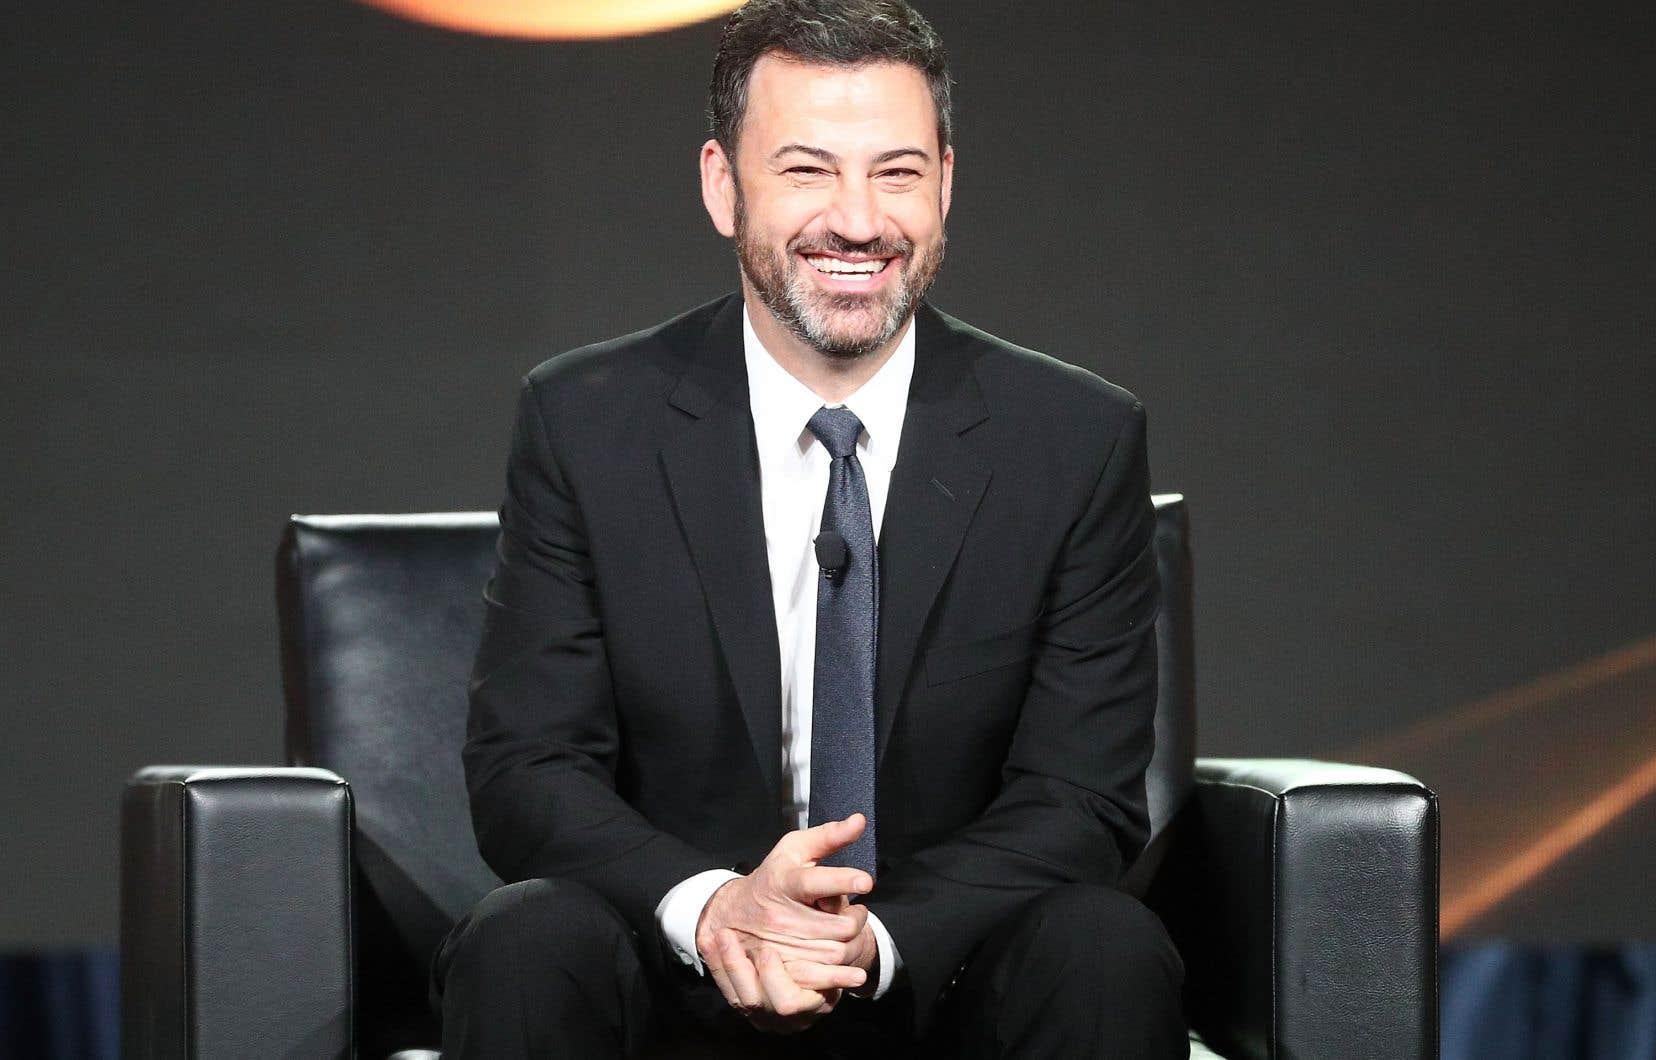 Jimmy Kimmel montera sur la scène des Oscar comme animateur pour la deuxième année consécutive.